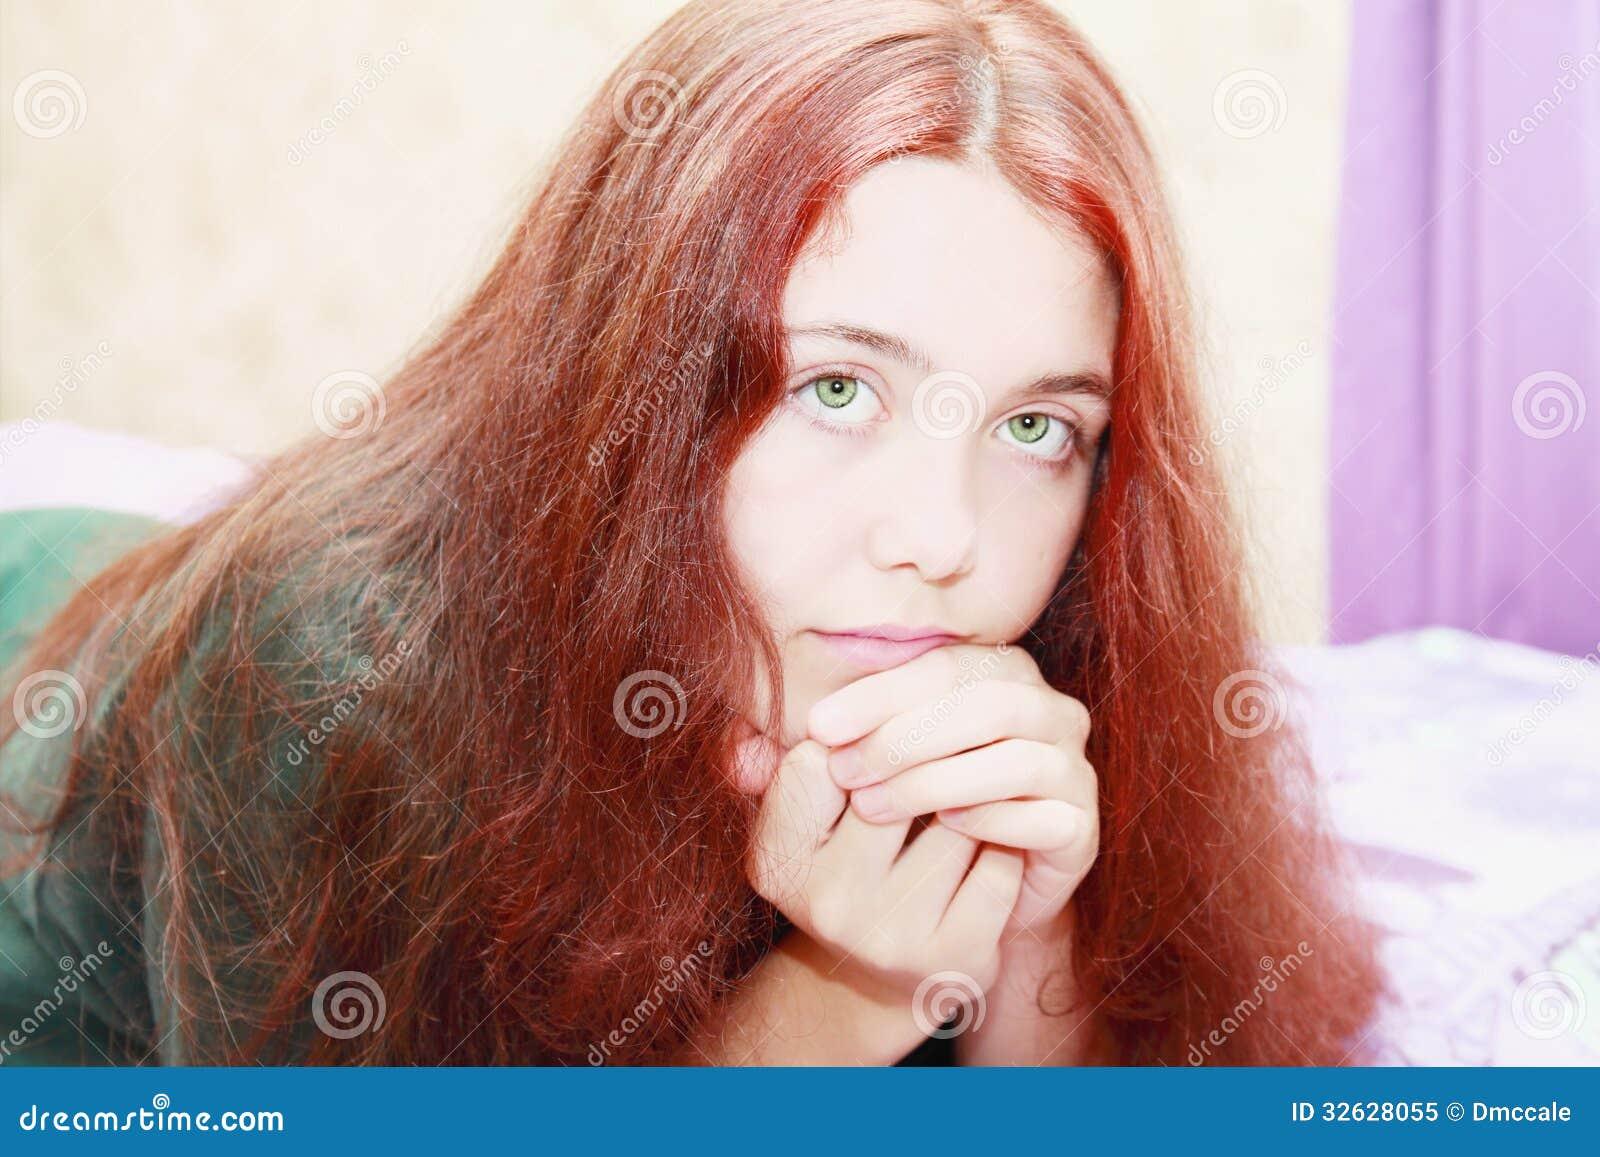 有长红色波浪发微笑的美丽的青少年的女孩.图片